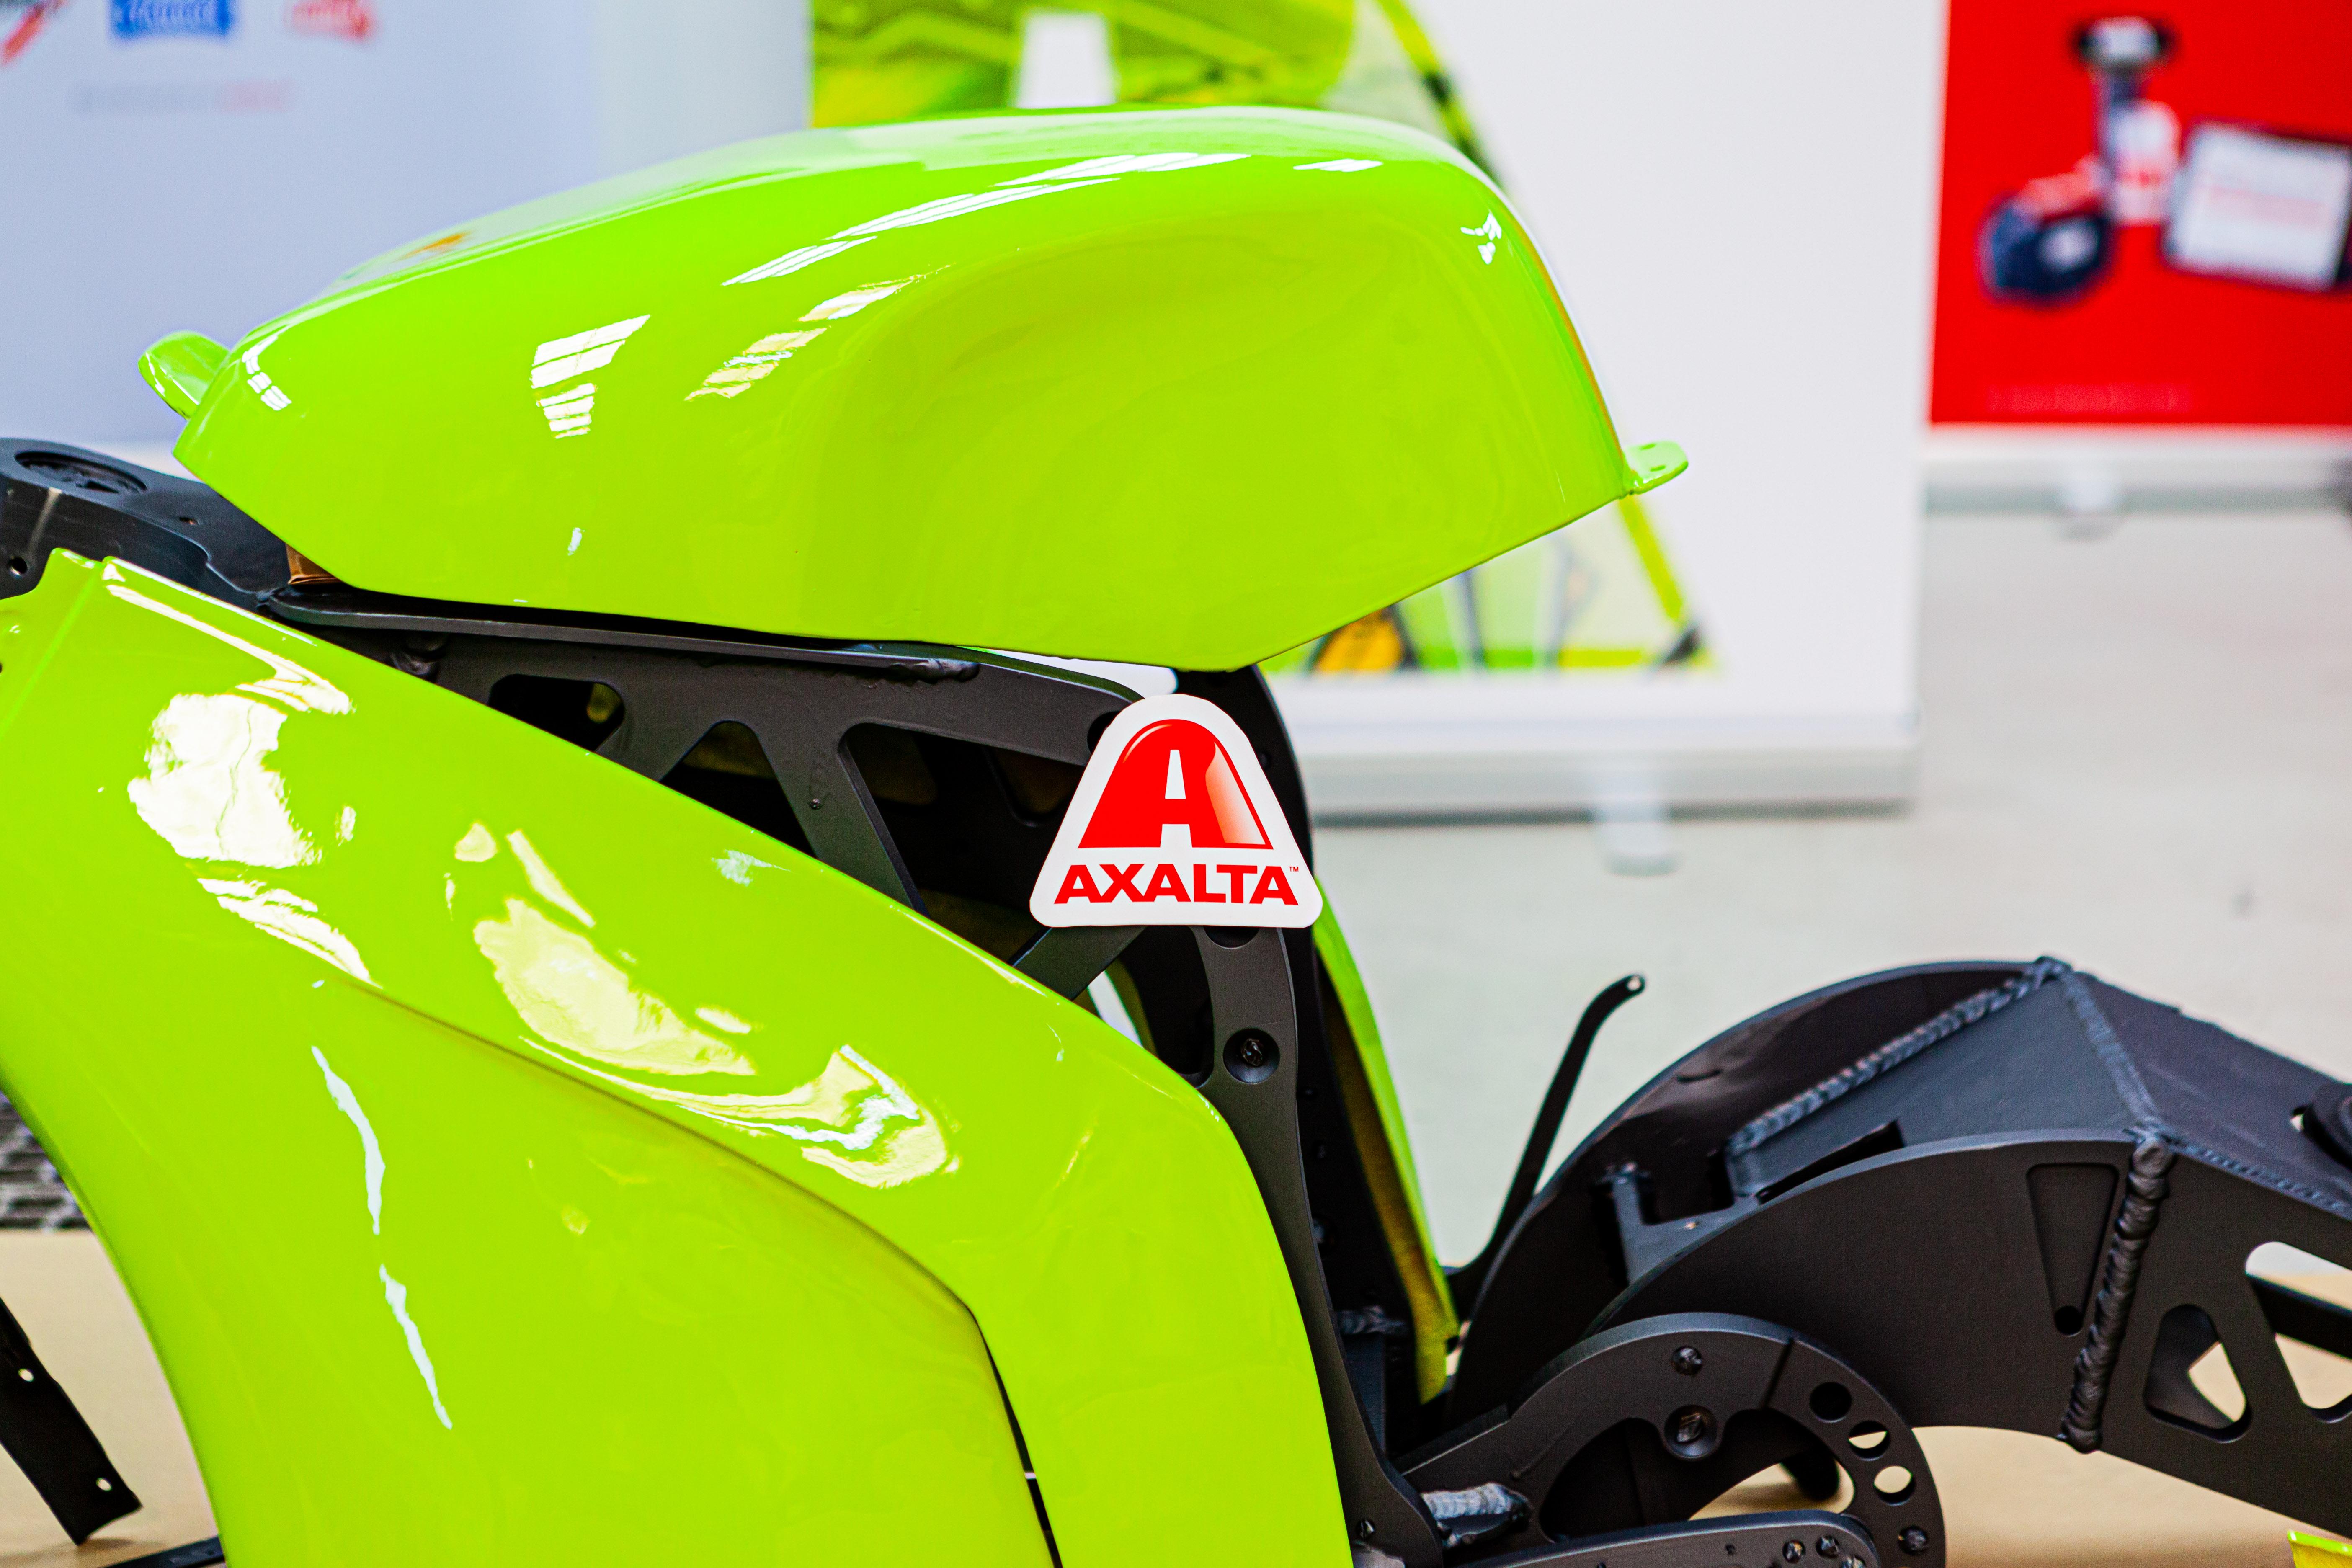 axaltas-electrolight-colour-of-choice-for-wolfast-uniovi-2